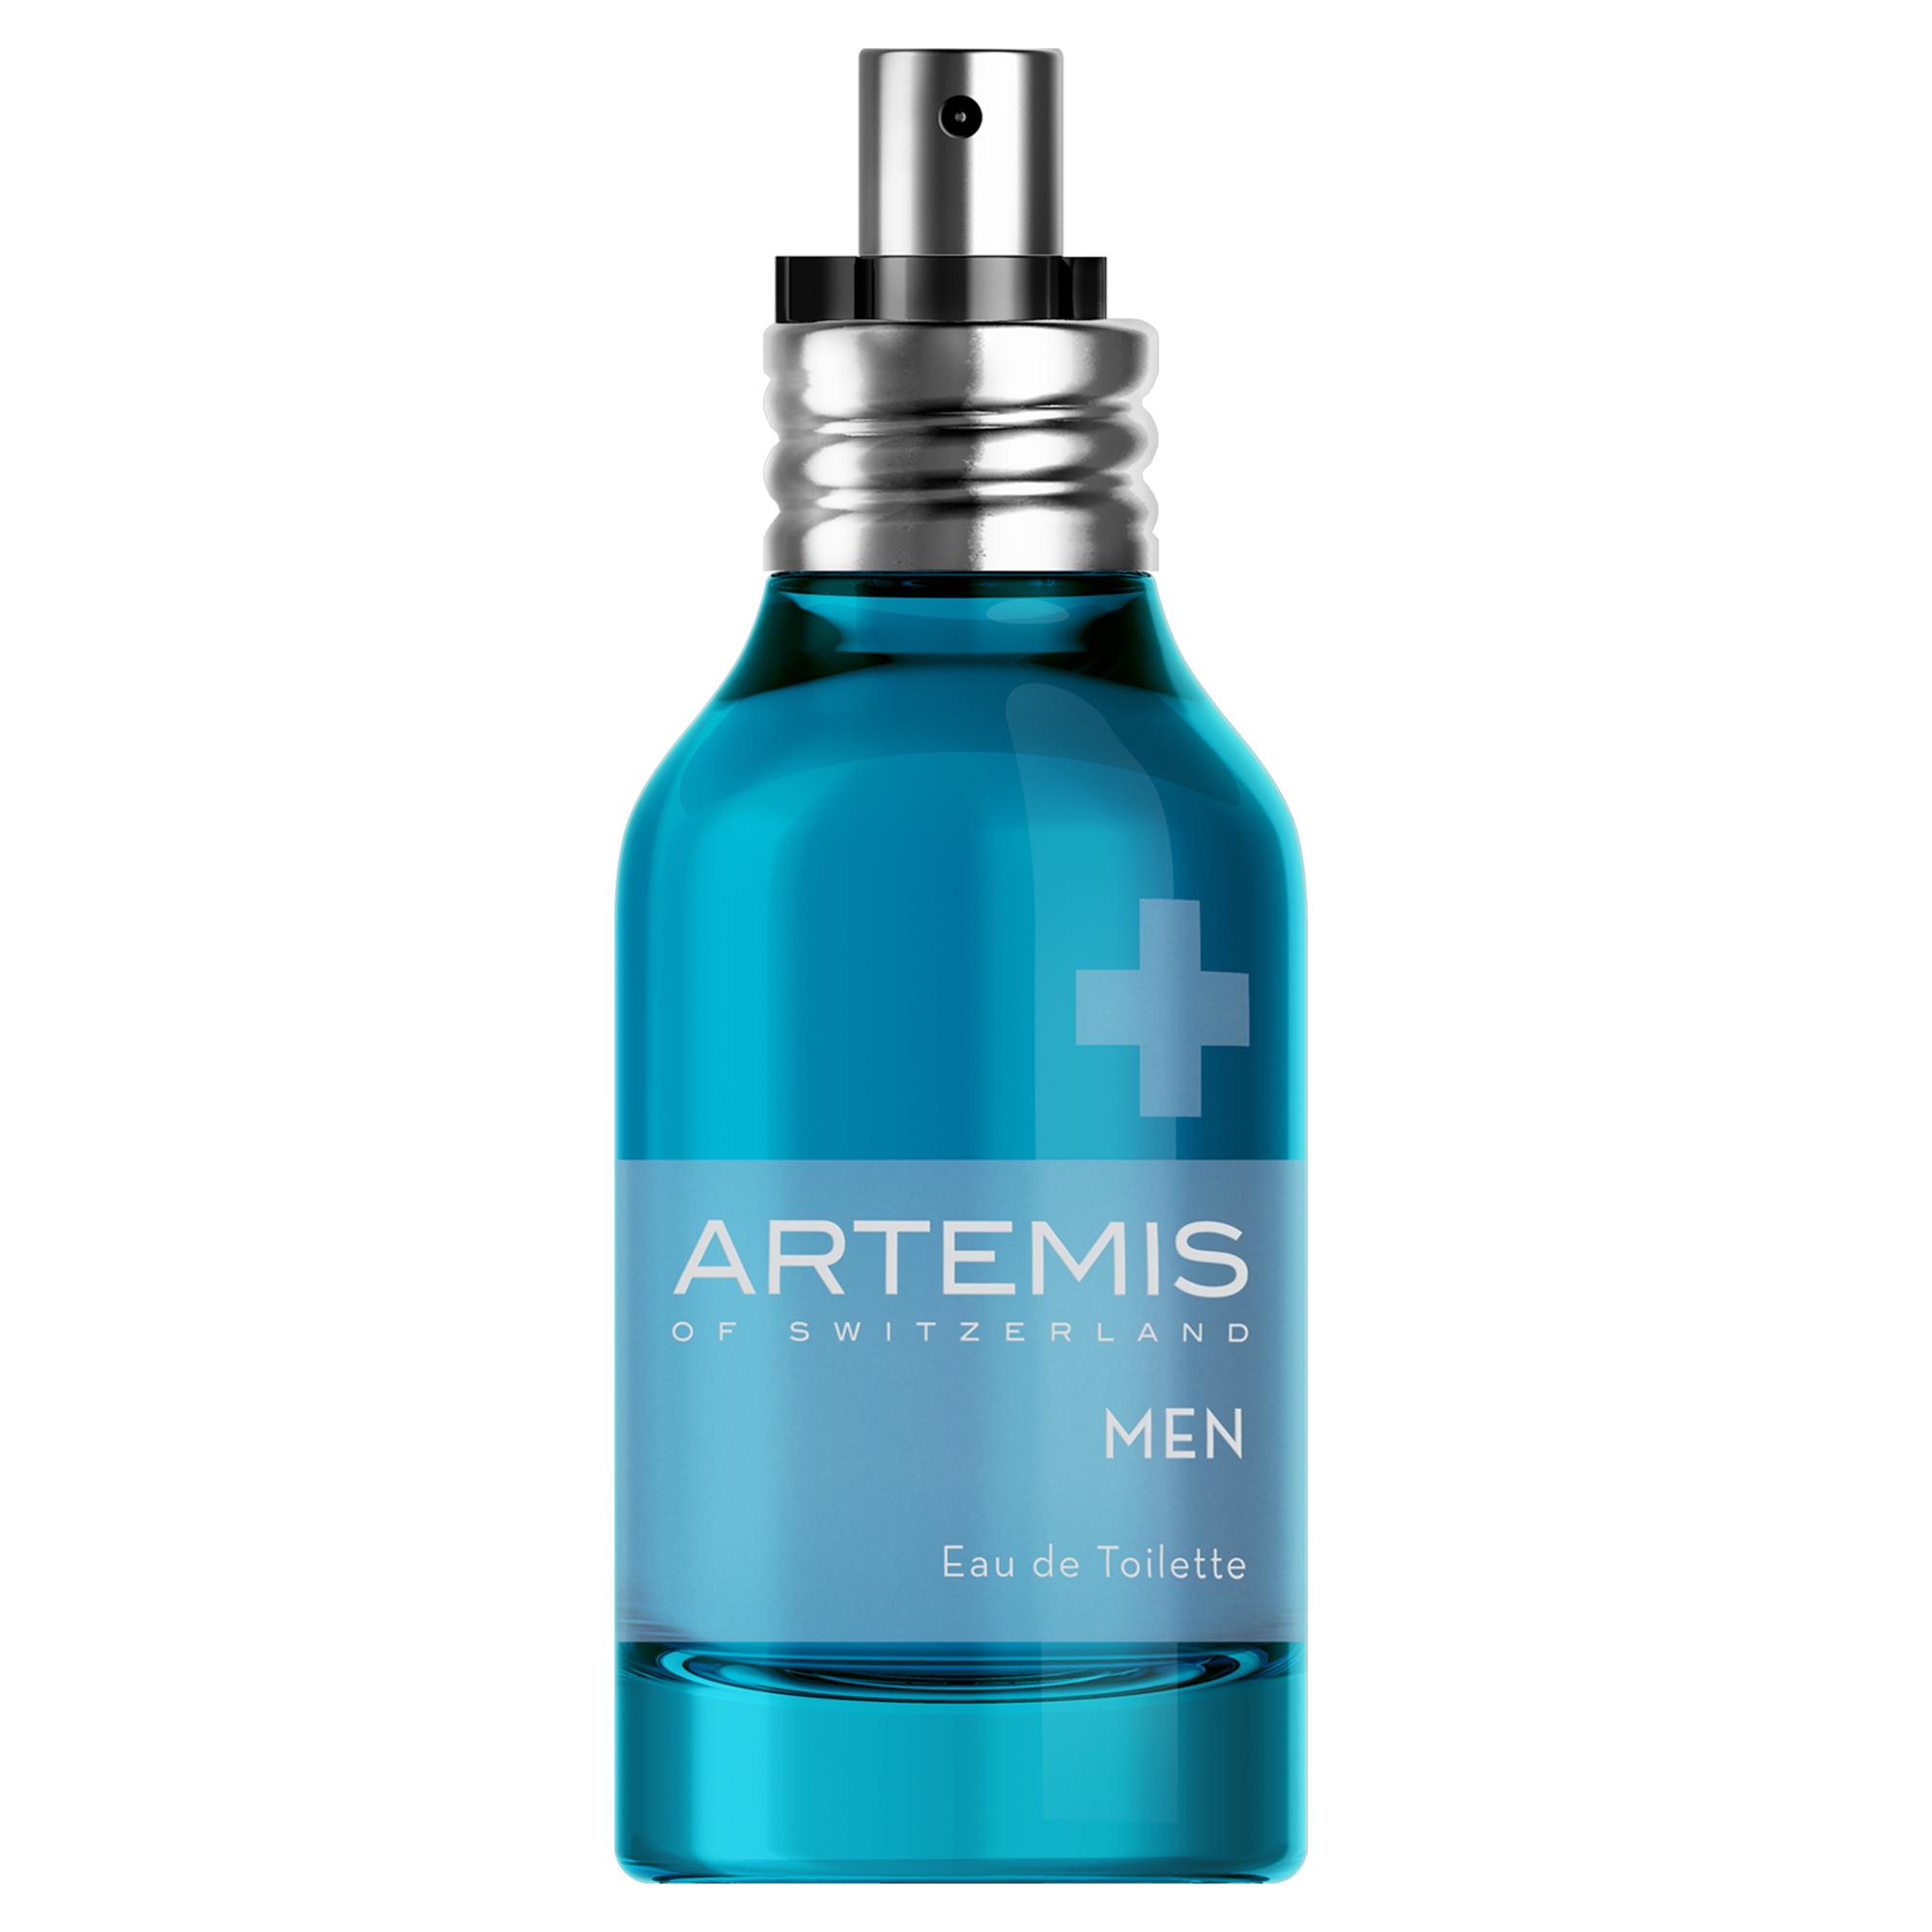 Artemis Men The Fragrance Eau de Toilette 75ml